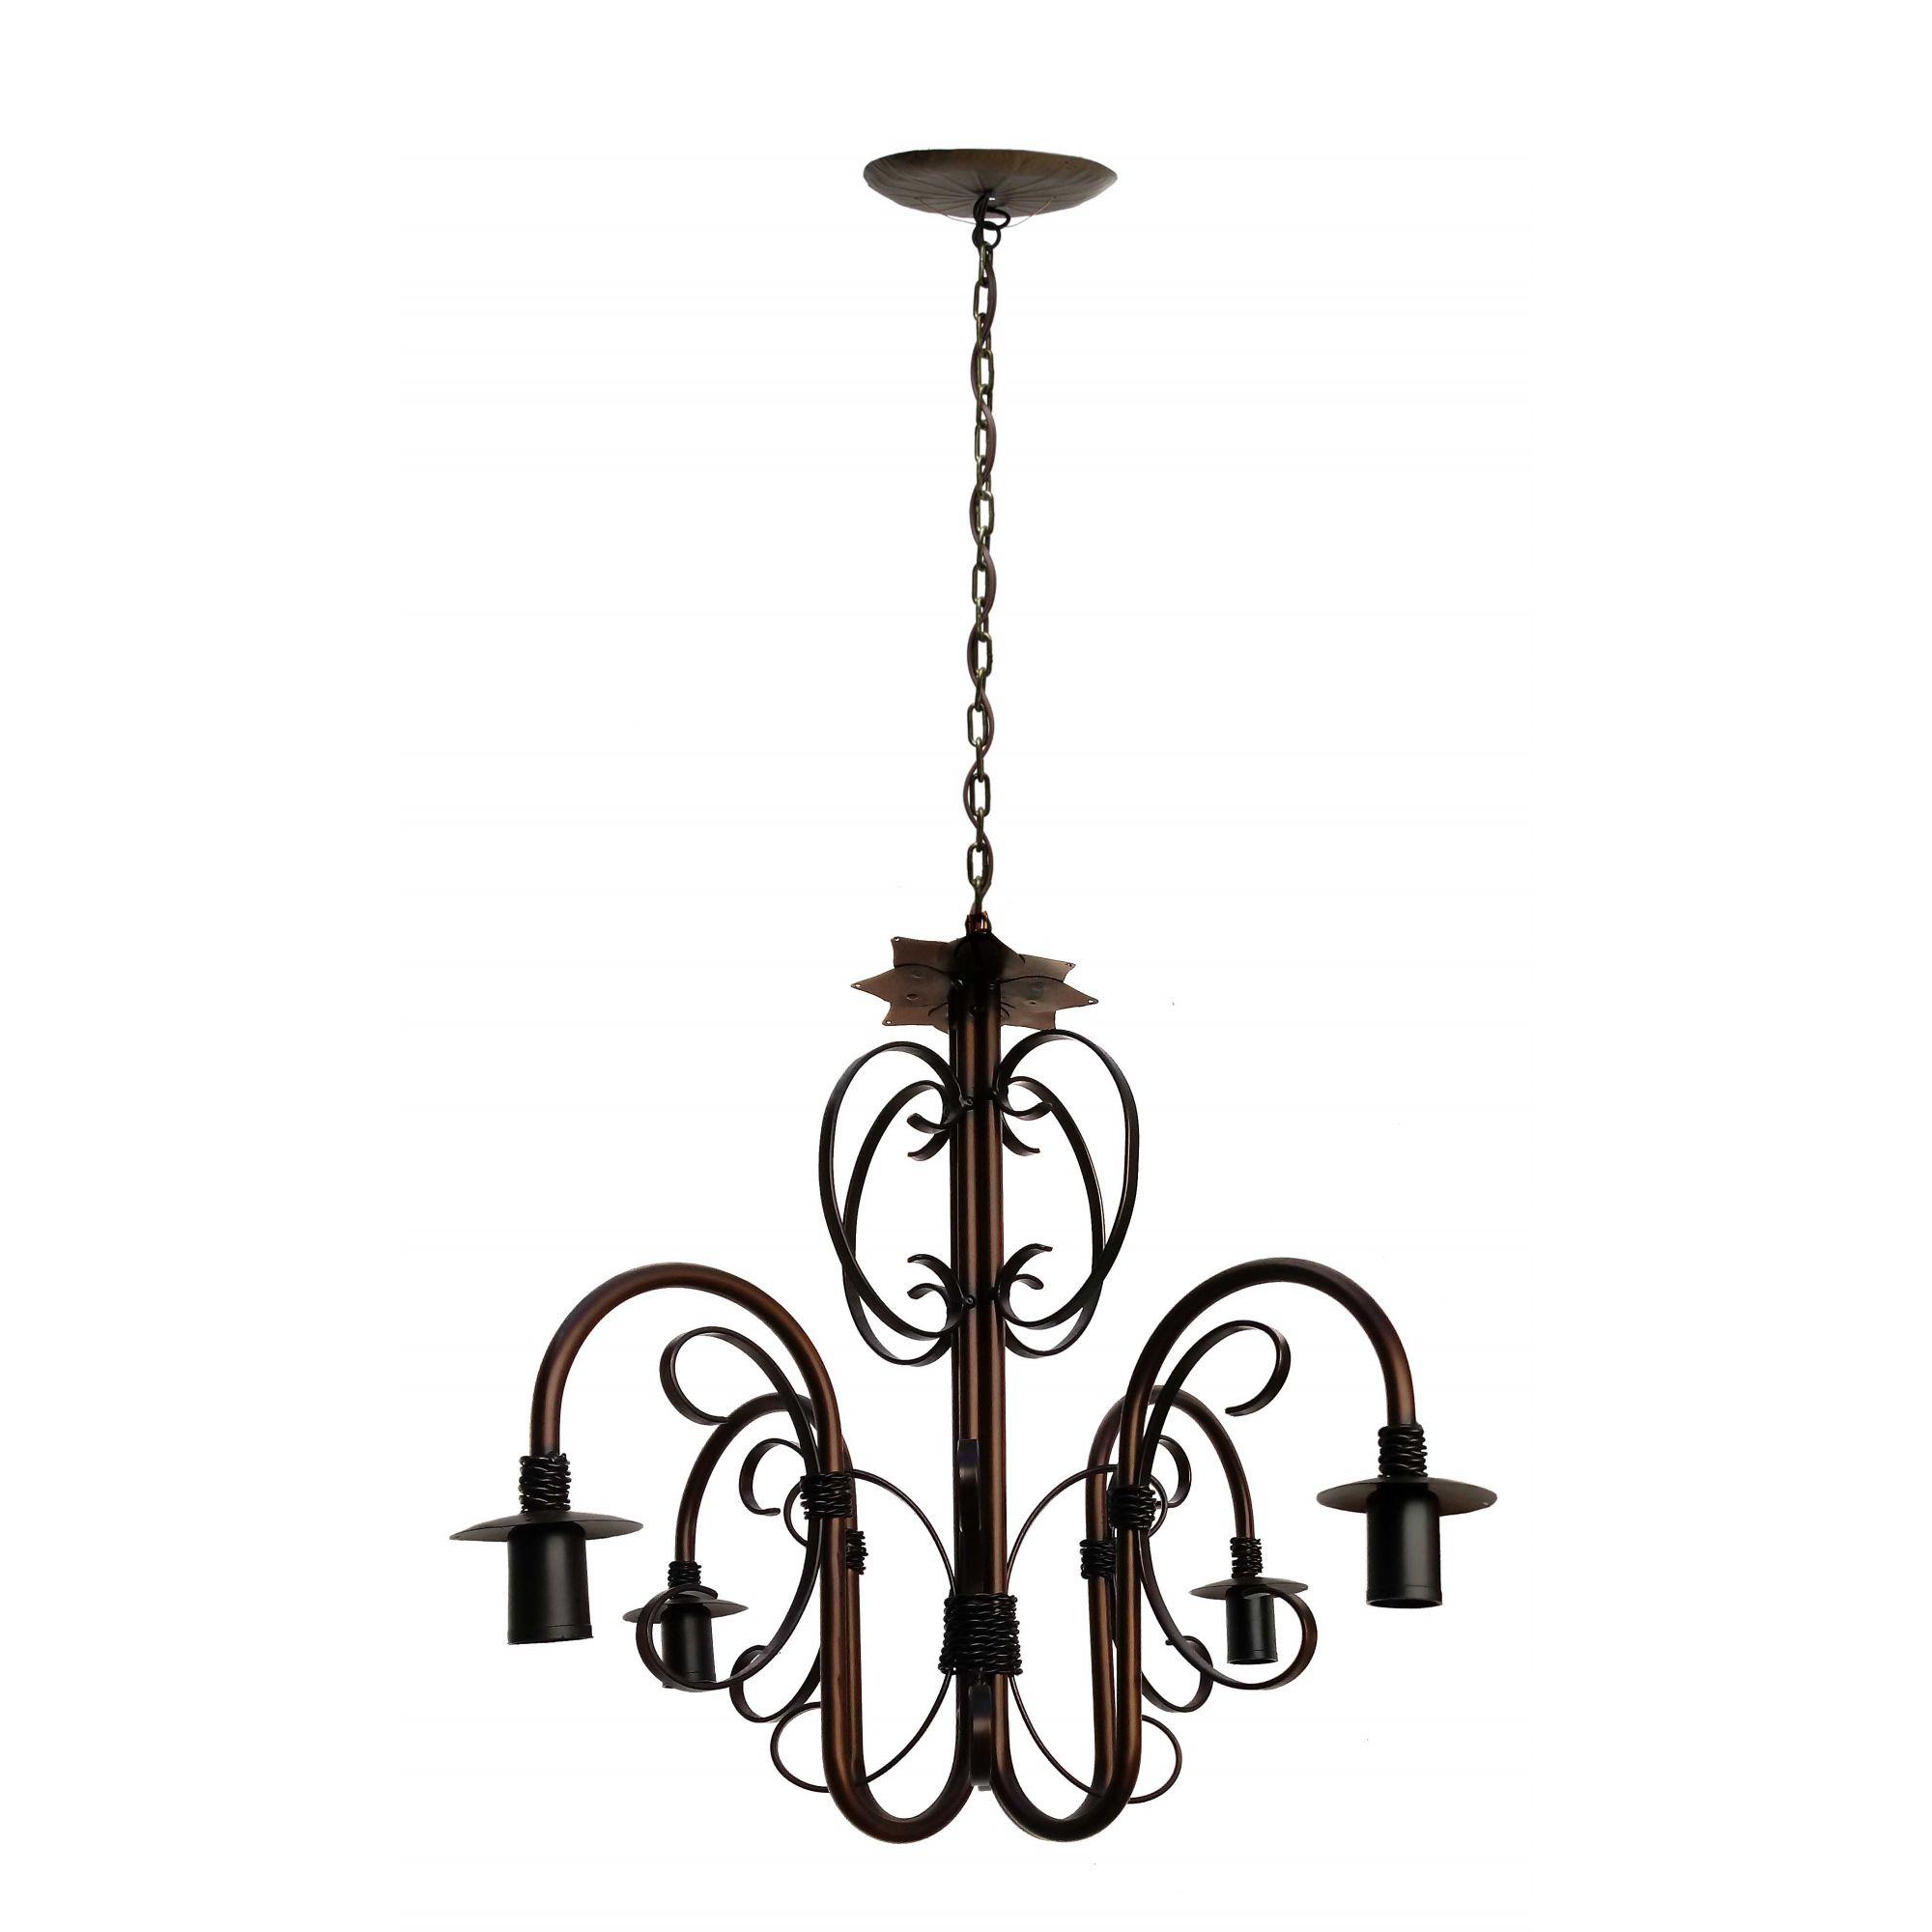 Lustre para Sala de Visitas Decorativo em Metal Artesanal Luminária Bom Preço